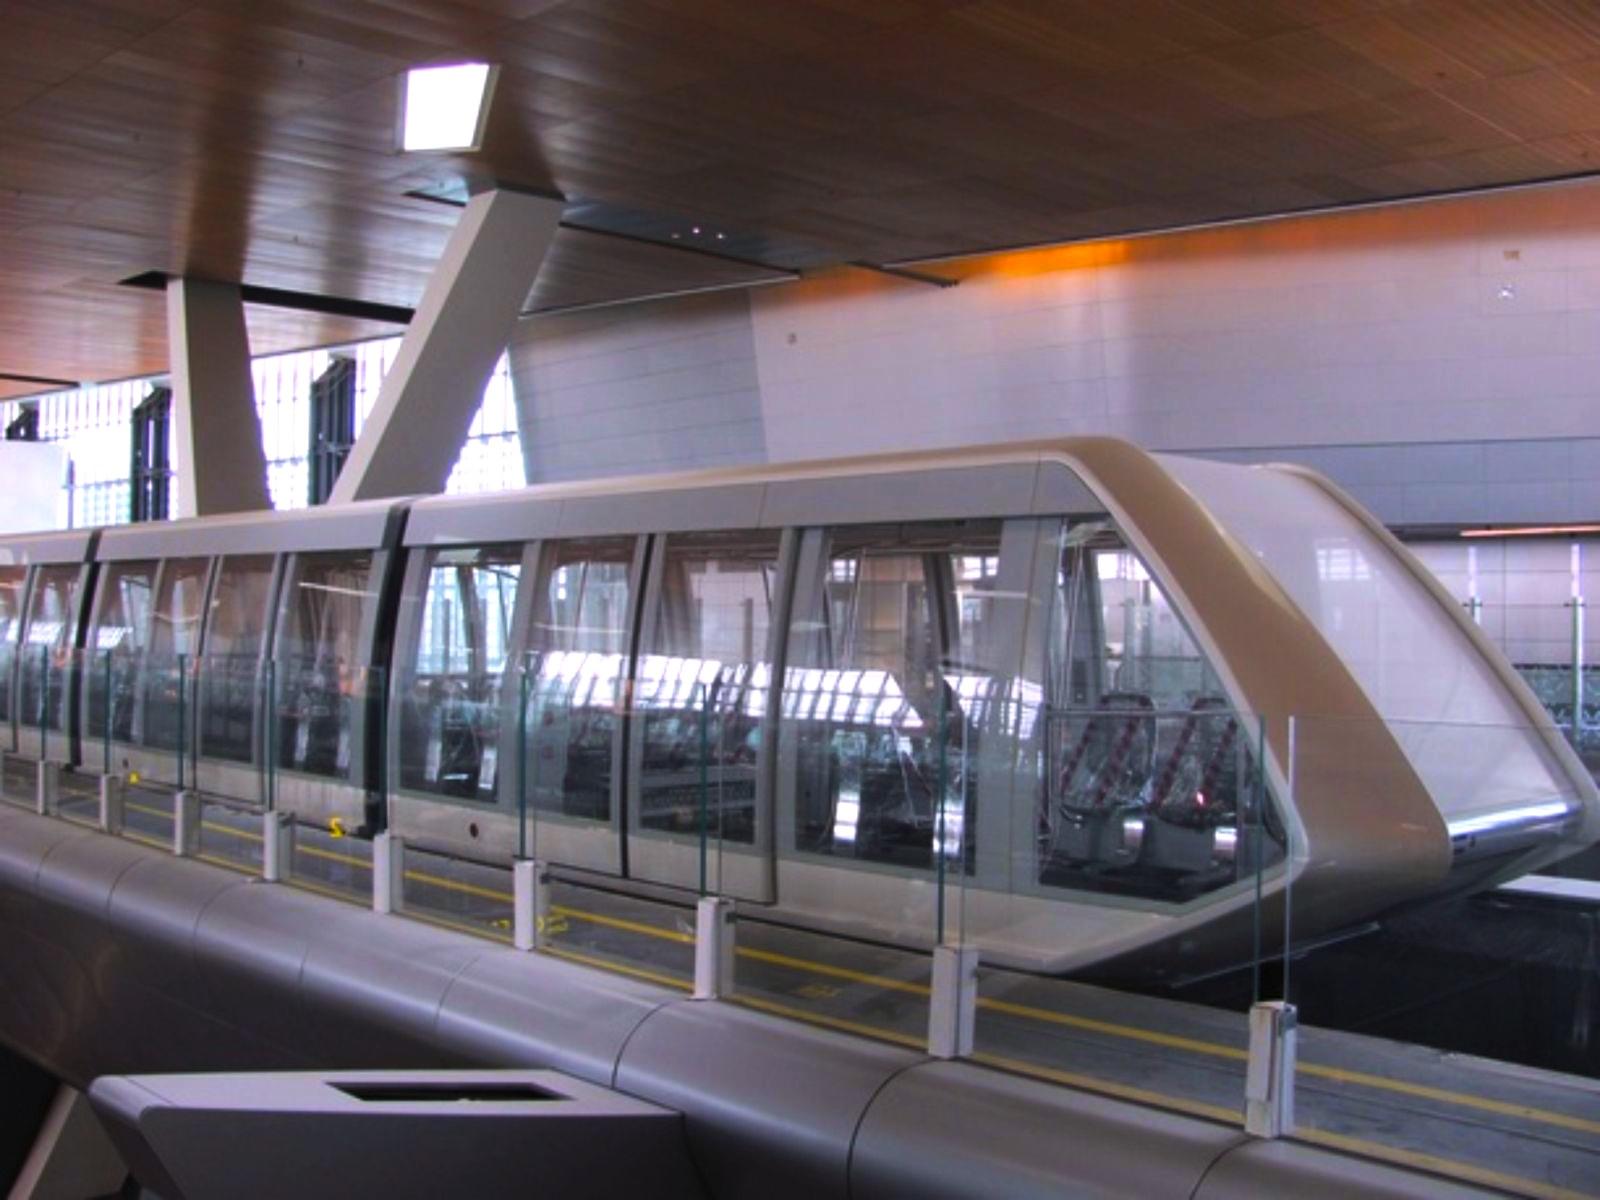 ドーハ-ハマド空港-トランジット・エリア-8